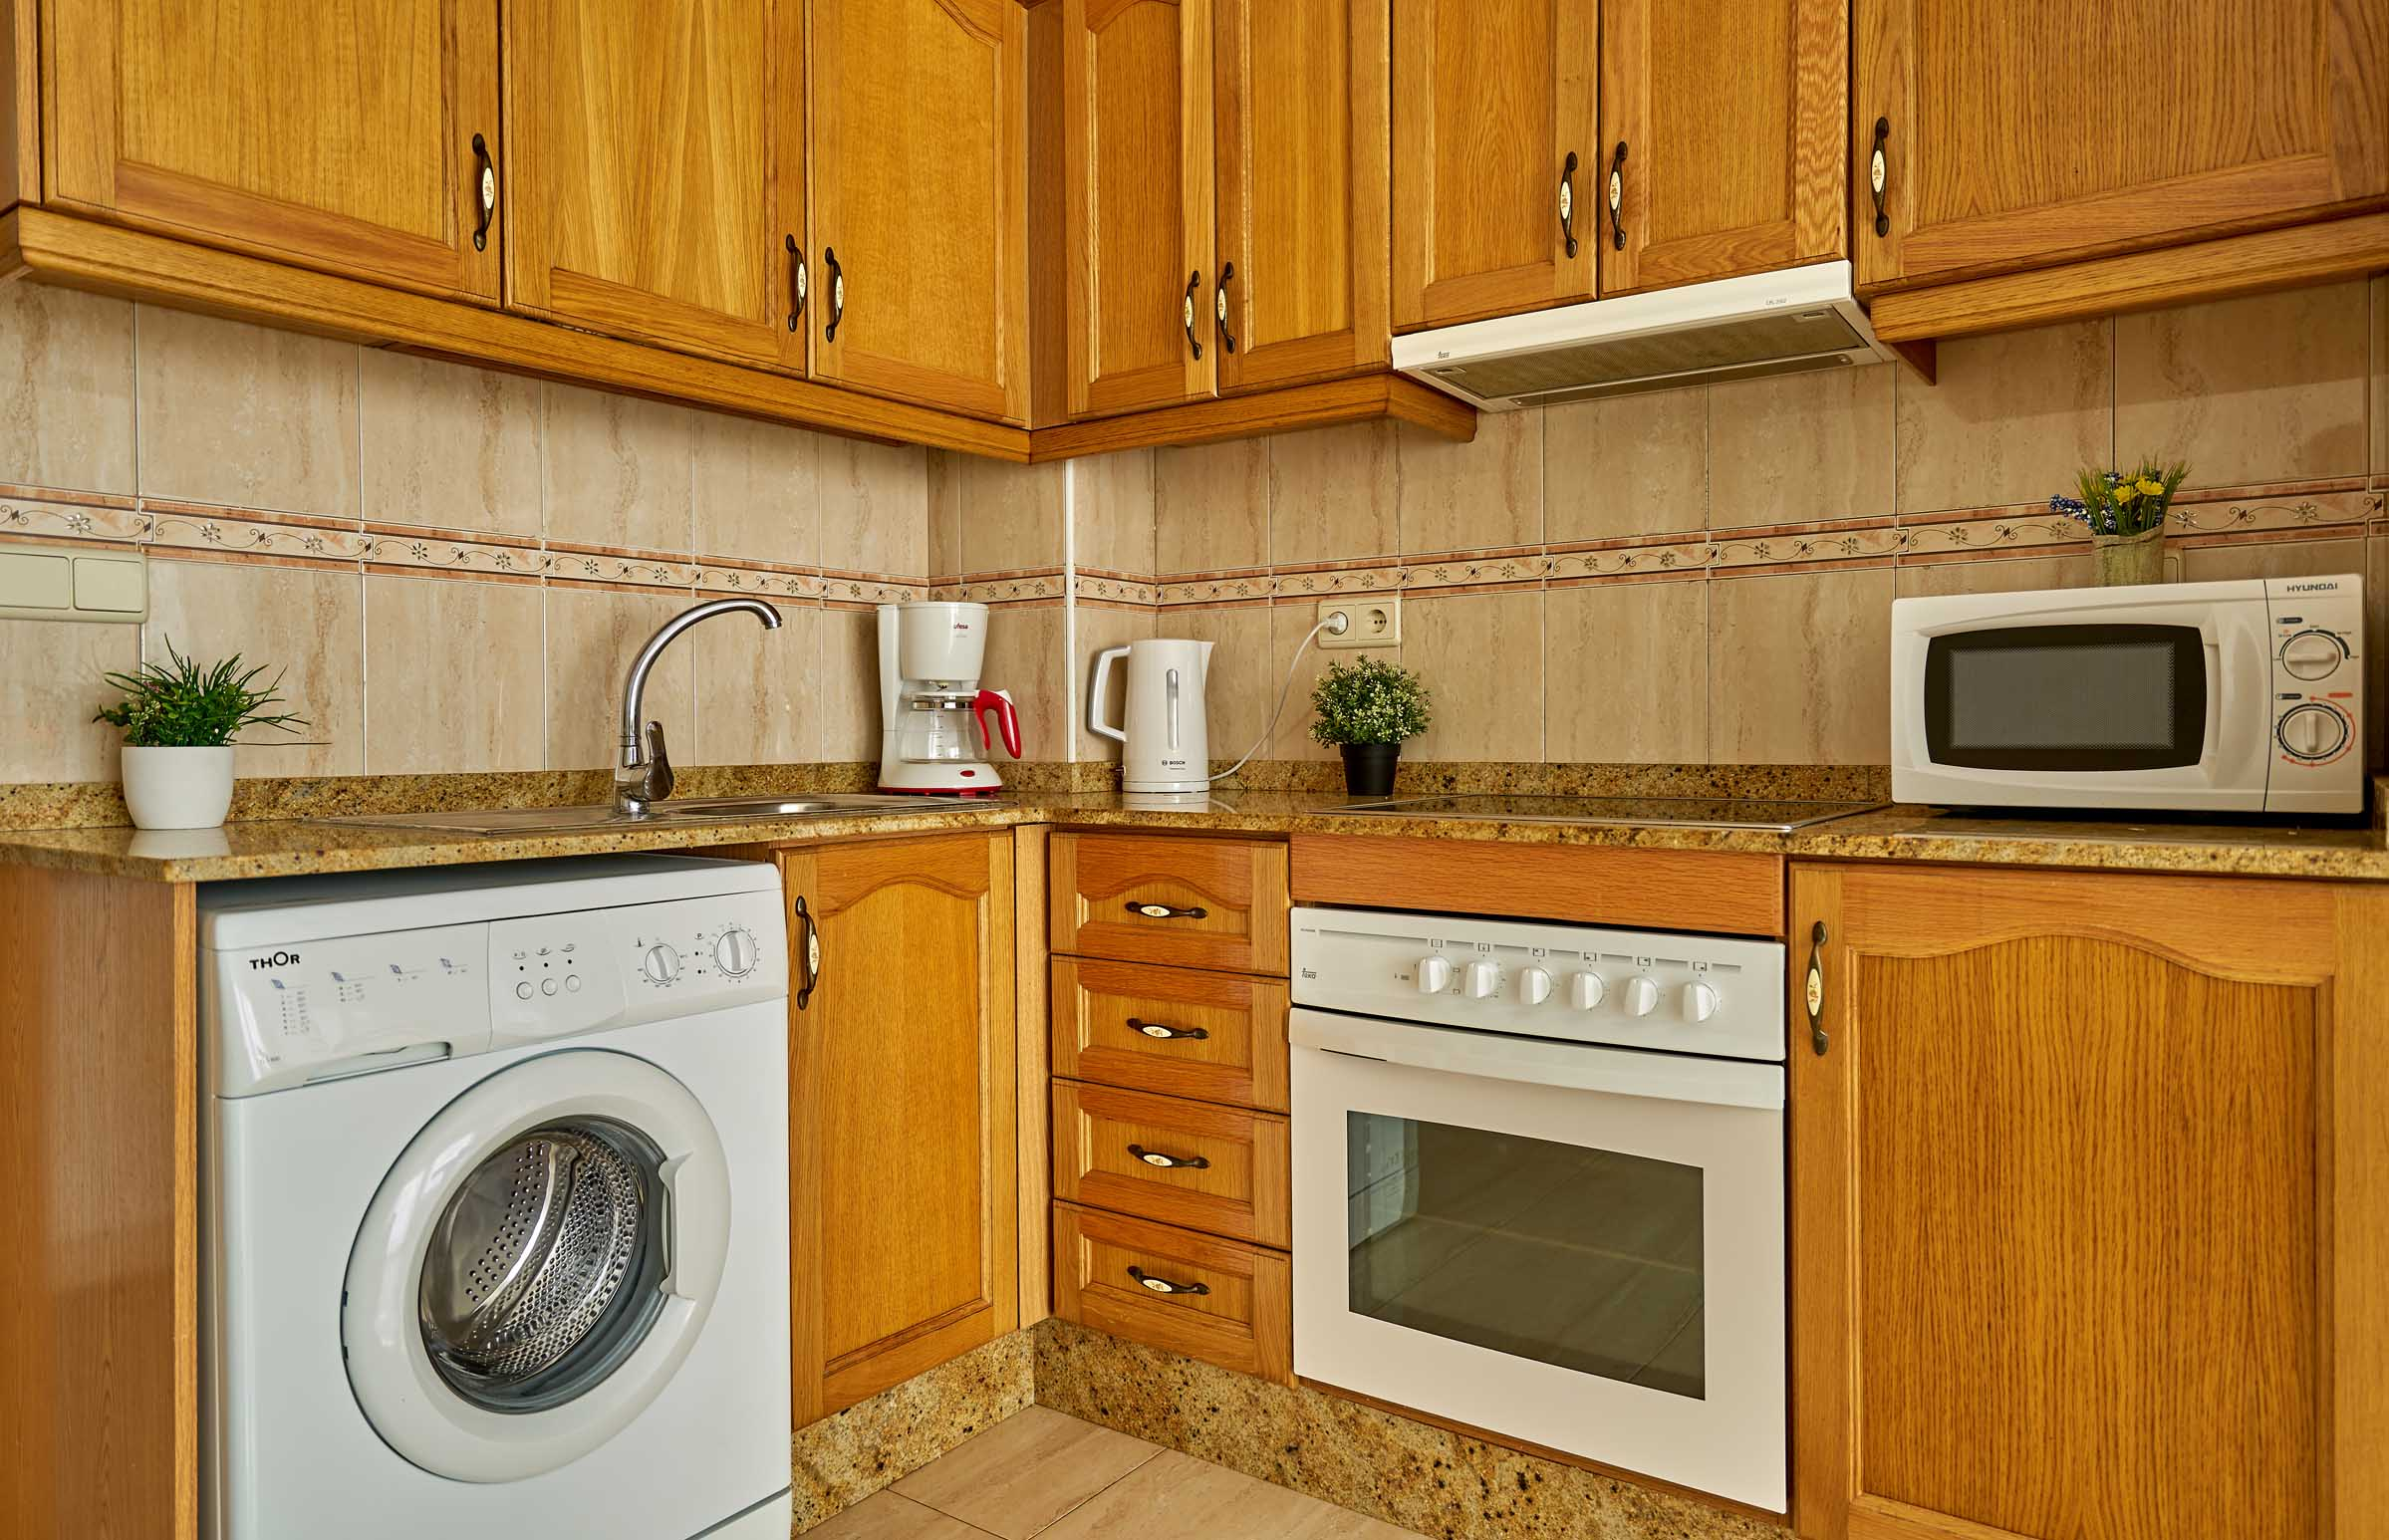 Apartment Espanhouse Fragata photo 22456182